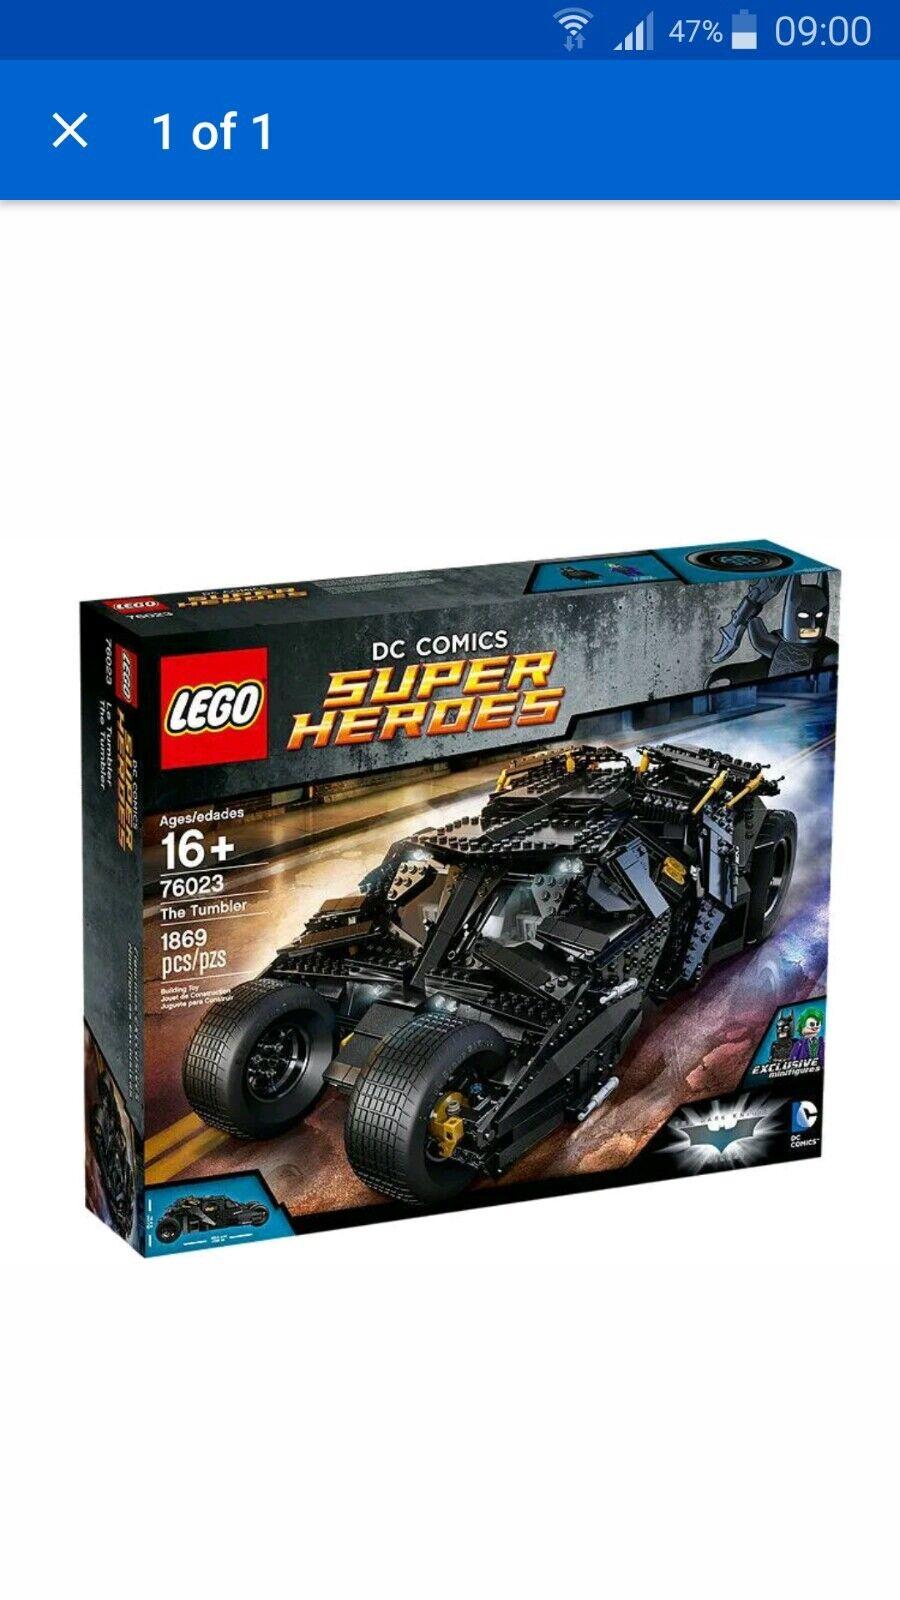 LEGO 76023 DC Comics Super Heroes The Tumbler (MINT) 100% complete